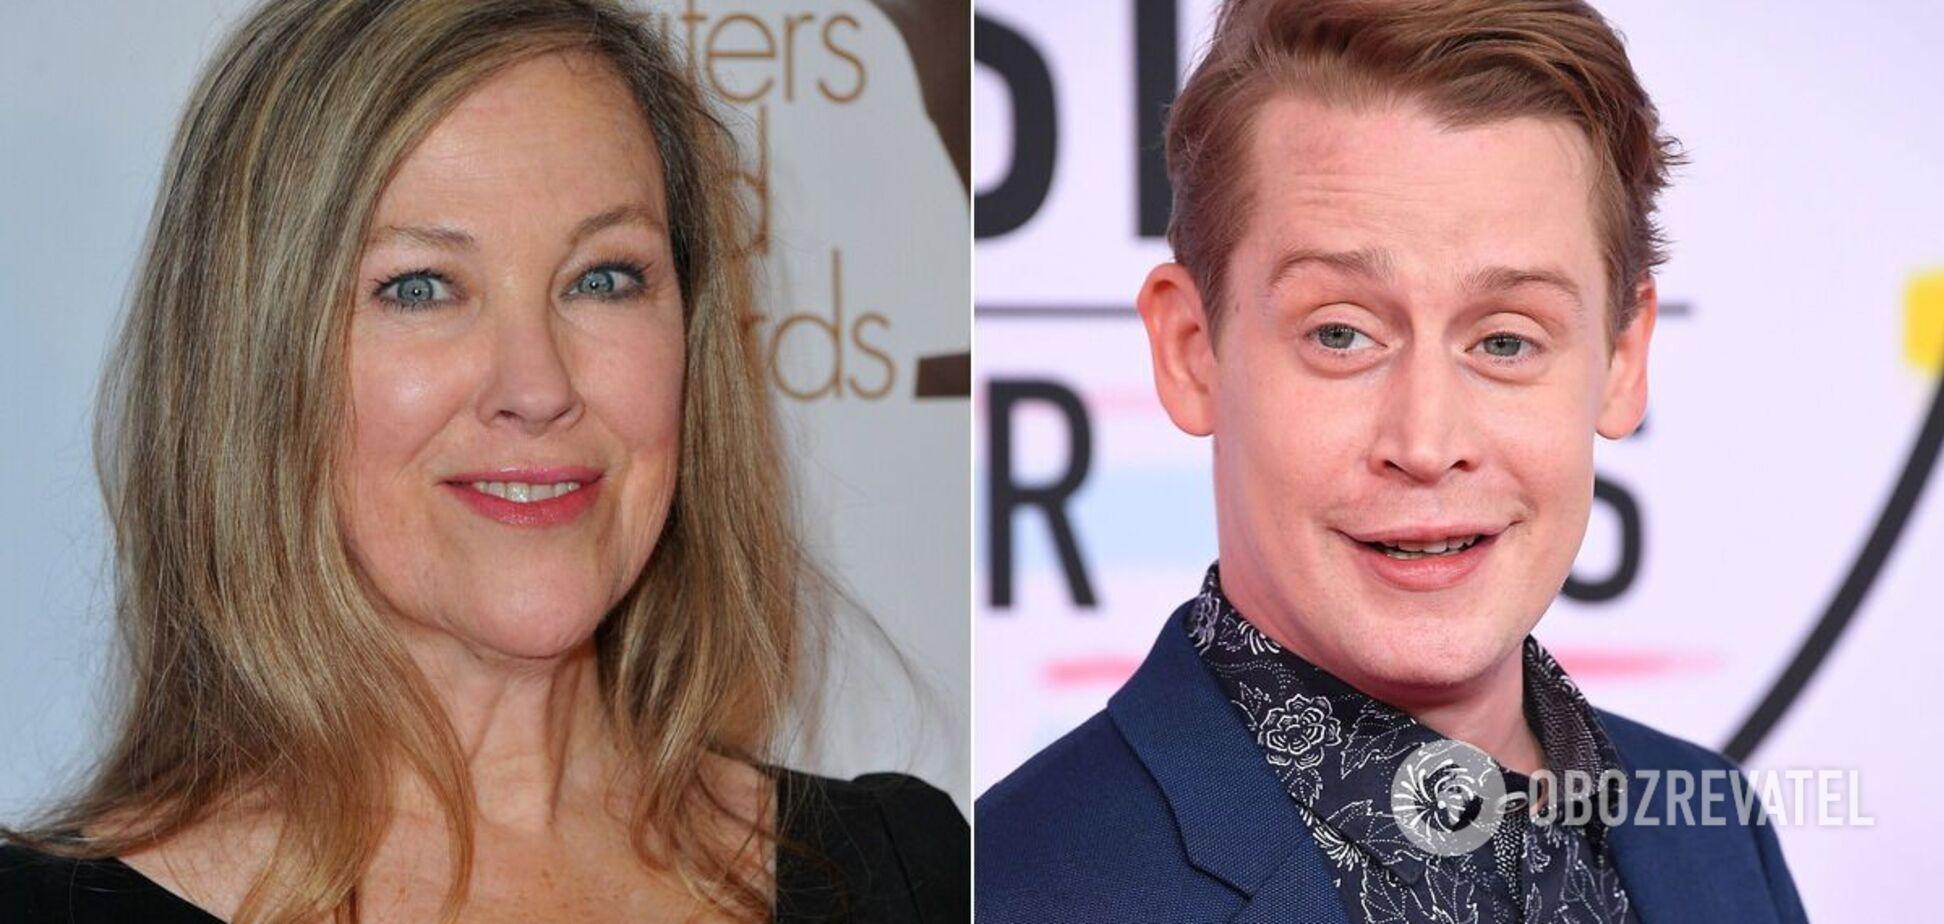 Как выглядят актеры спустя 30 лет после премьеры 'Один дома'.